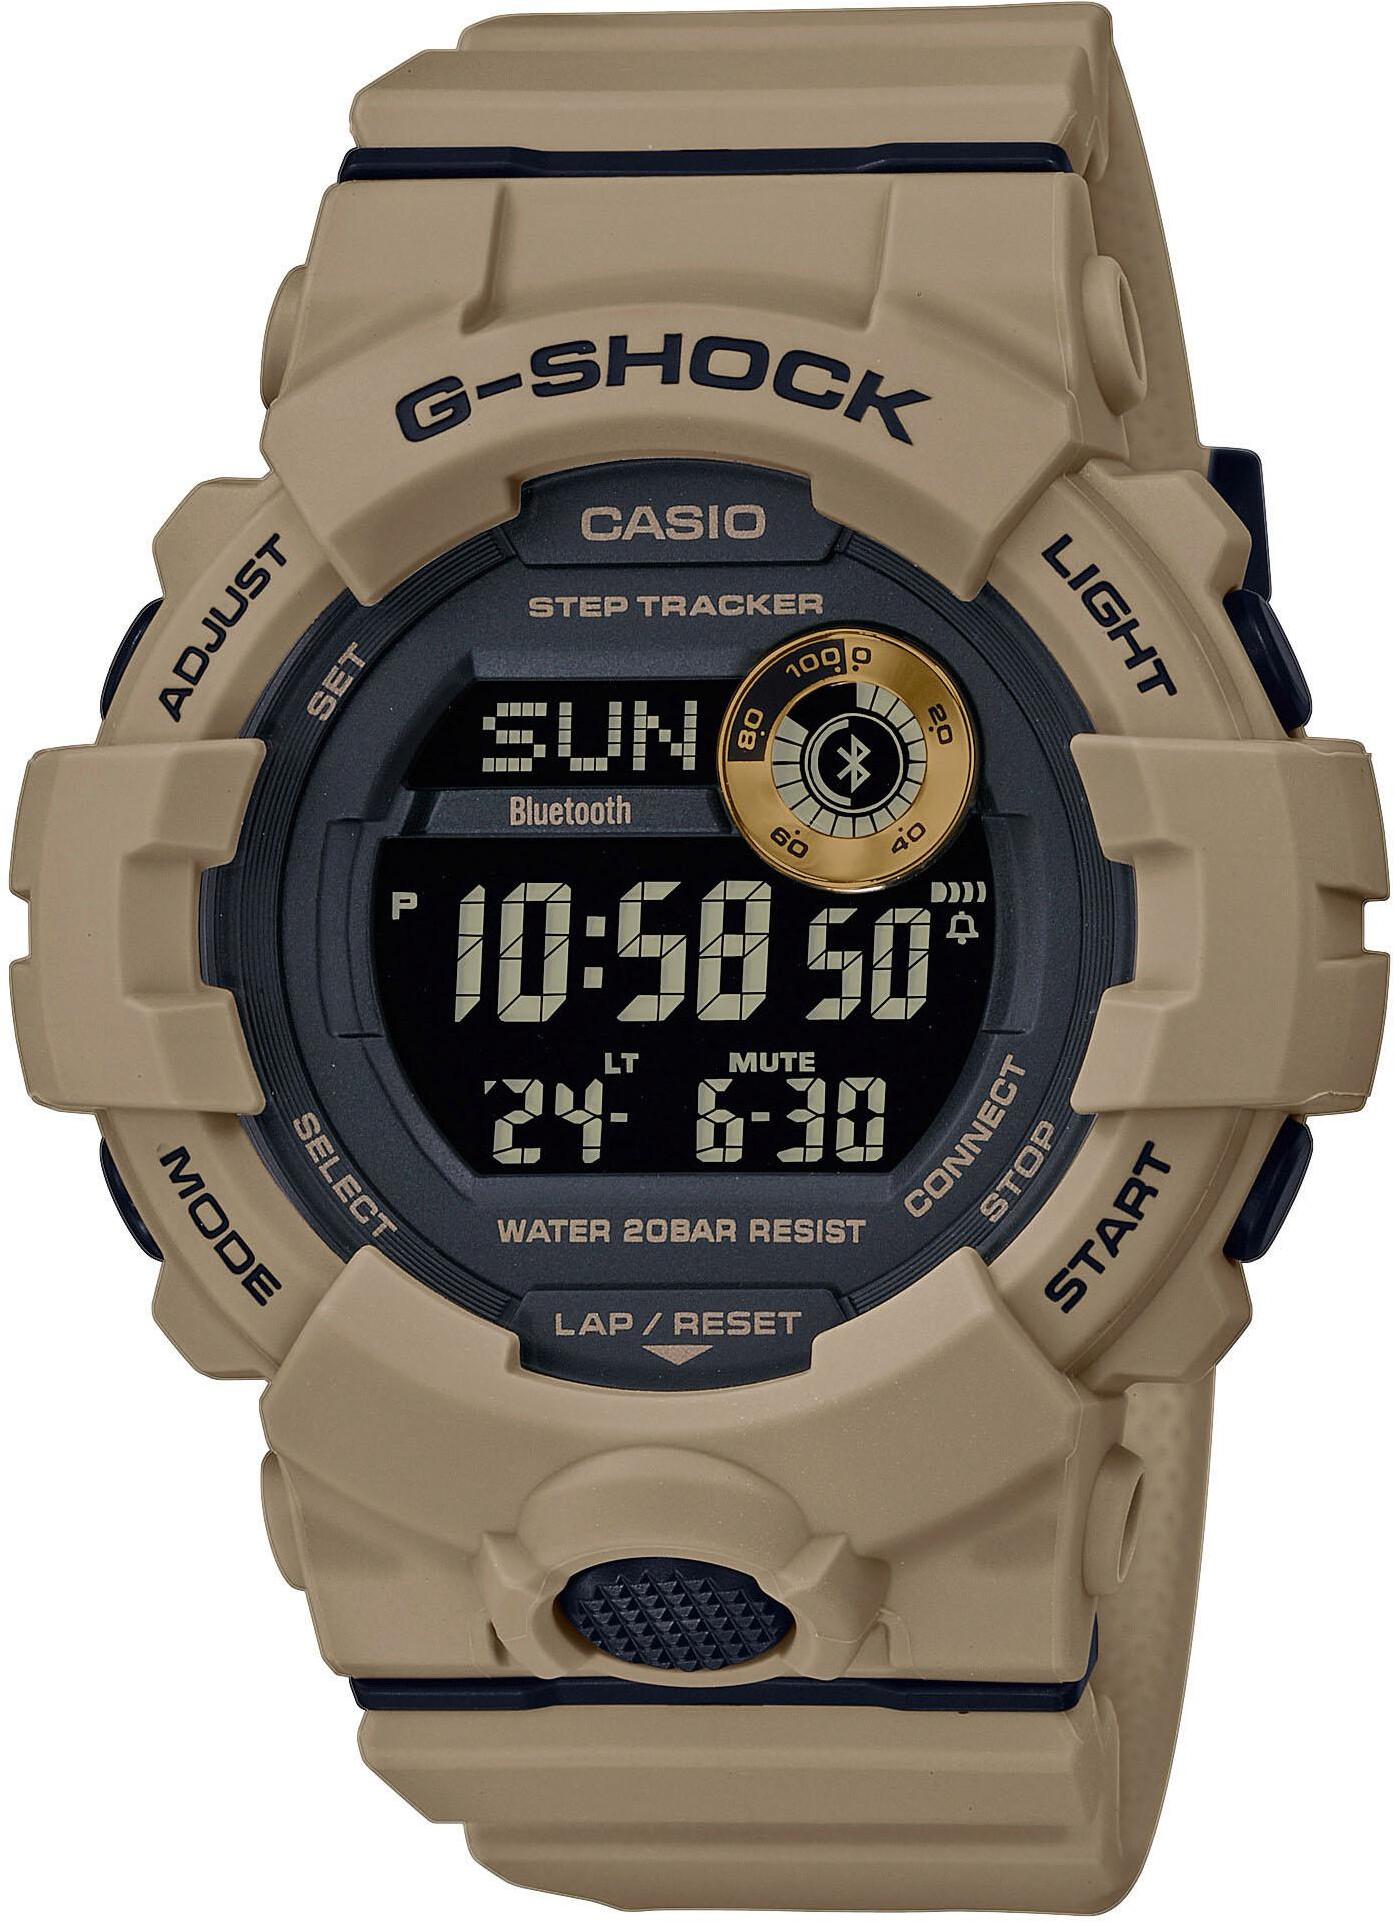 CASIO G-SHOCK GBD-800UC-5ER Ur Herrer, brown/brown/black (2019)   Sports watches